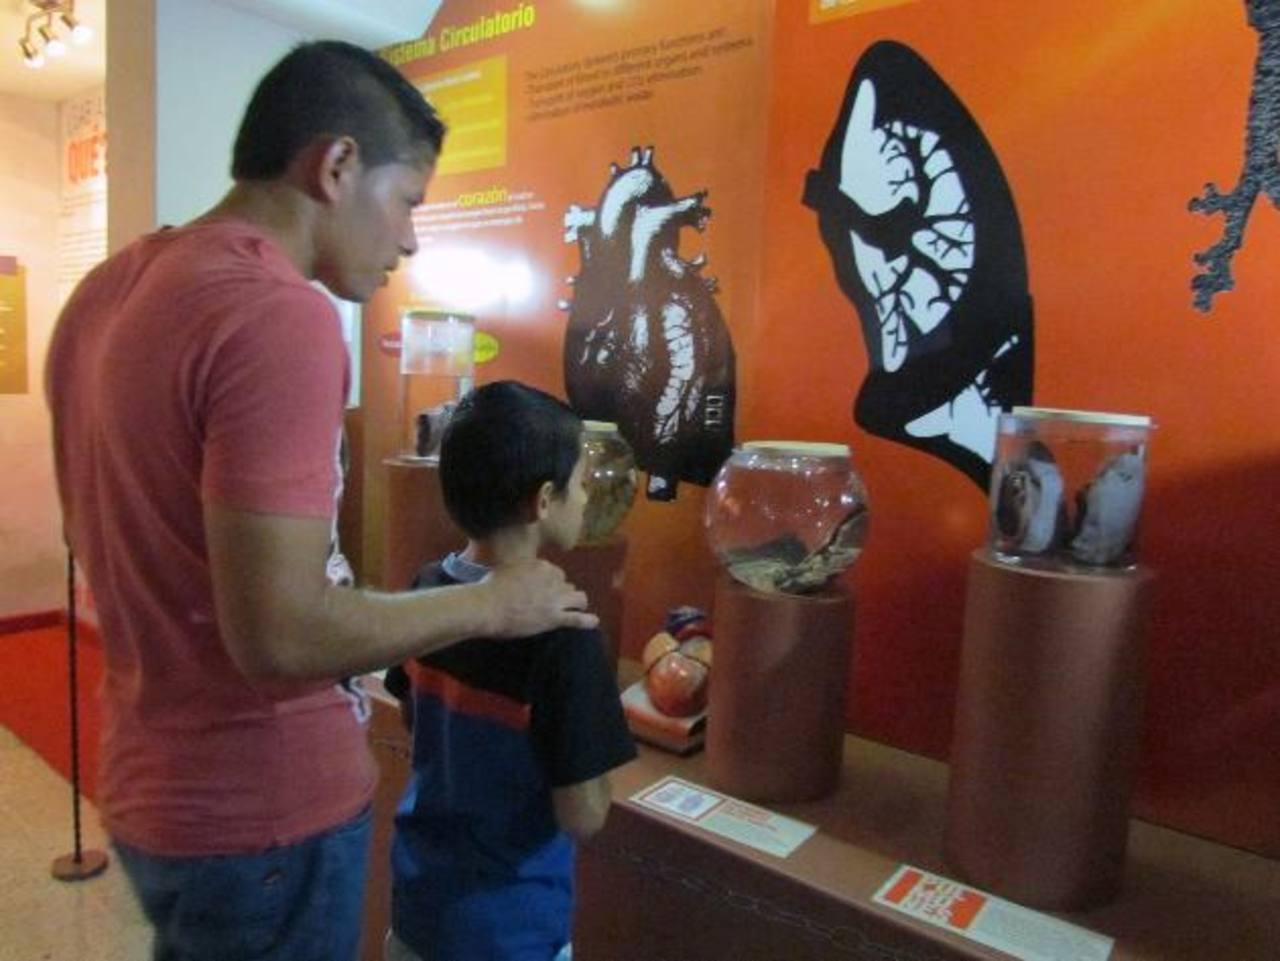 Museo de anatomía recibe visita nocturna | elsalvador.com